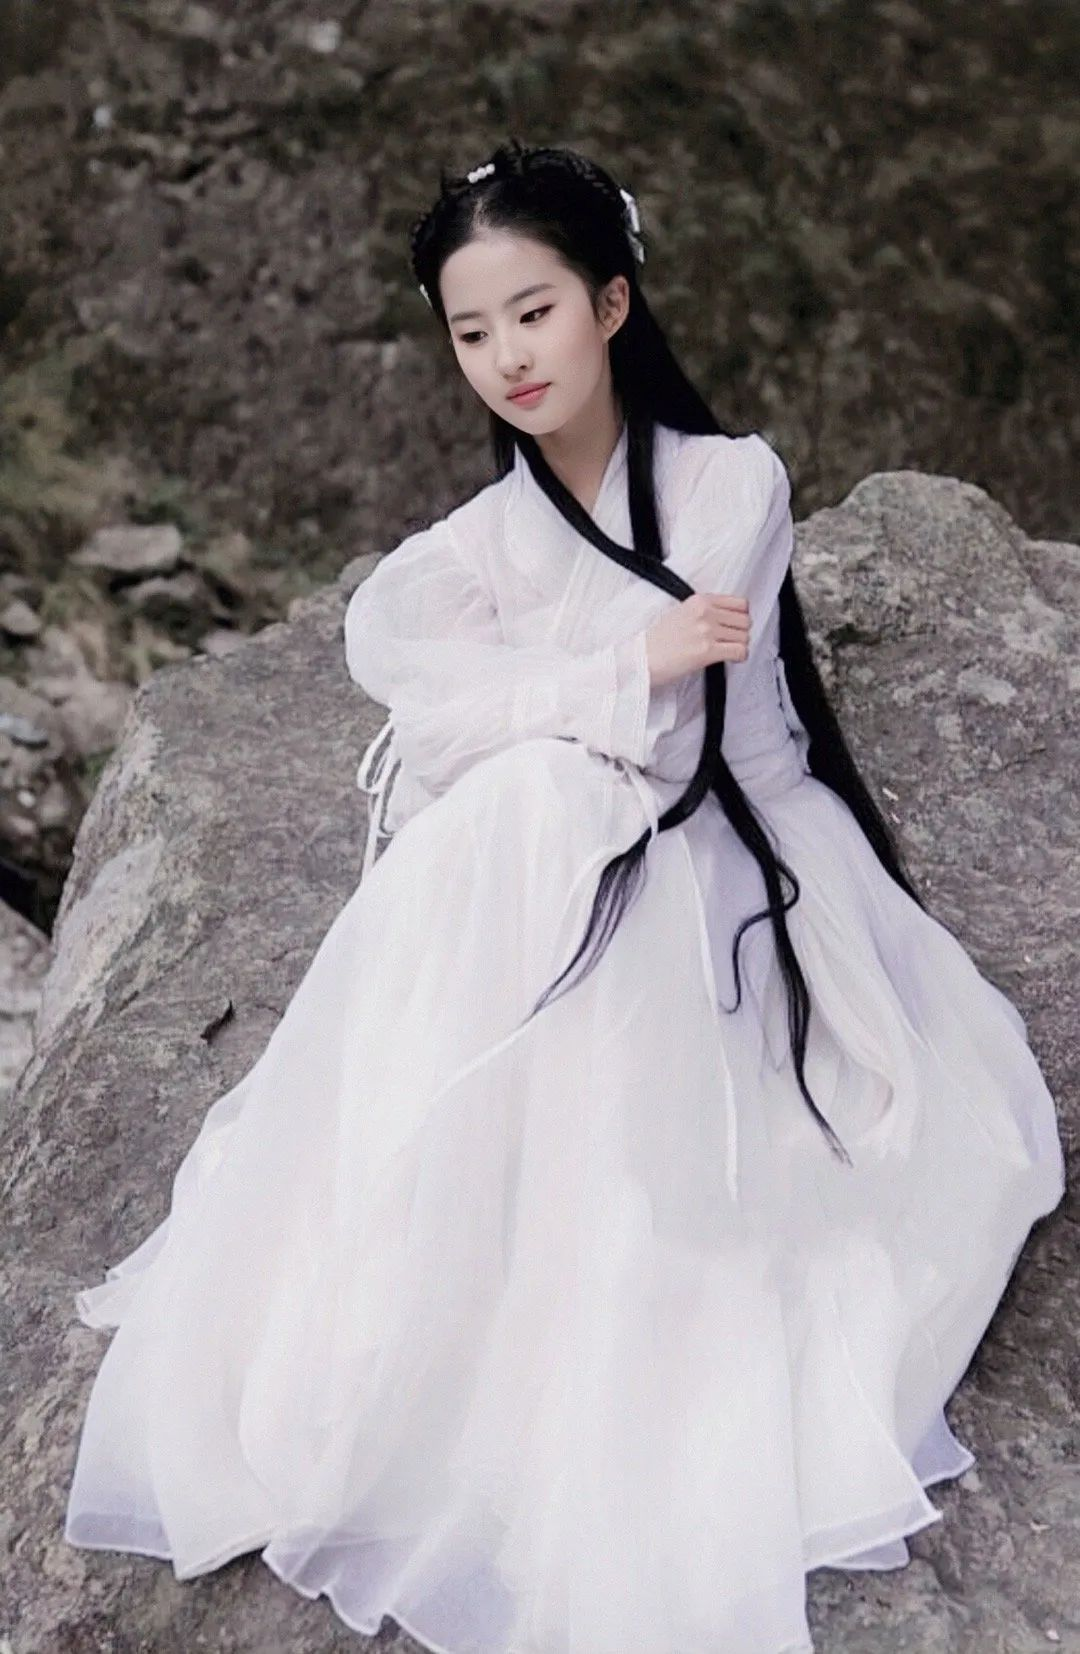 刘亦菲小龙女美图,这就是神仙姐姐的美貌吗?_图片 No.7